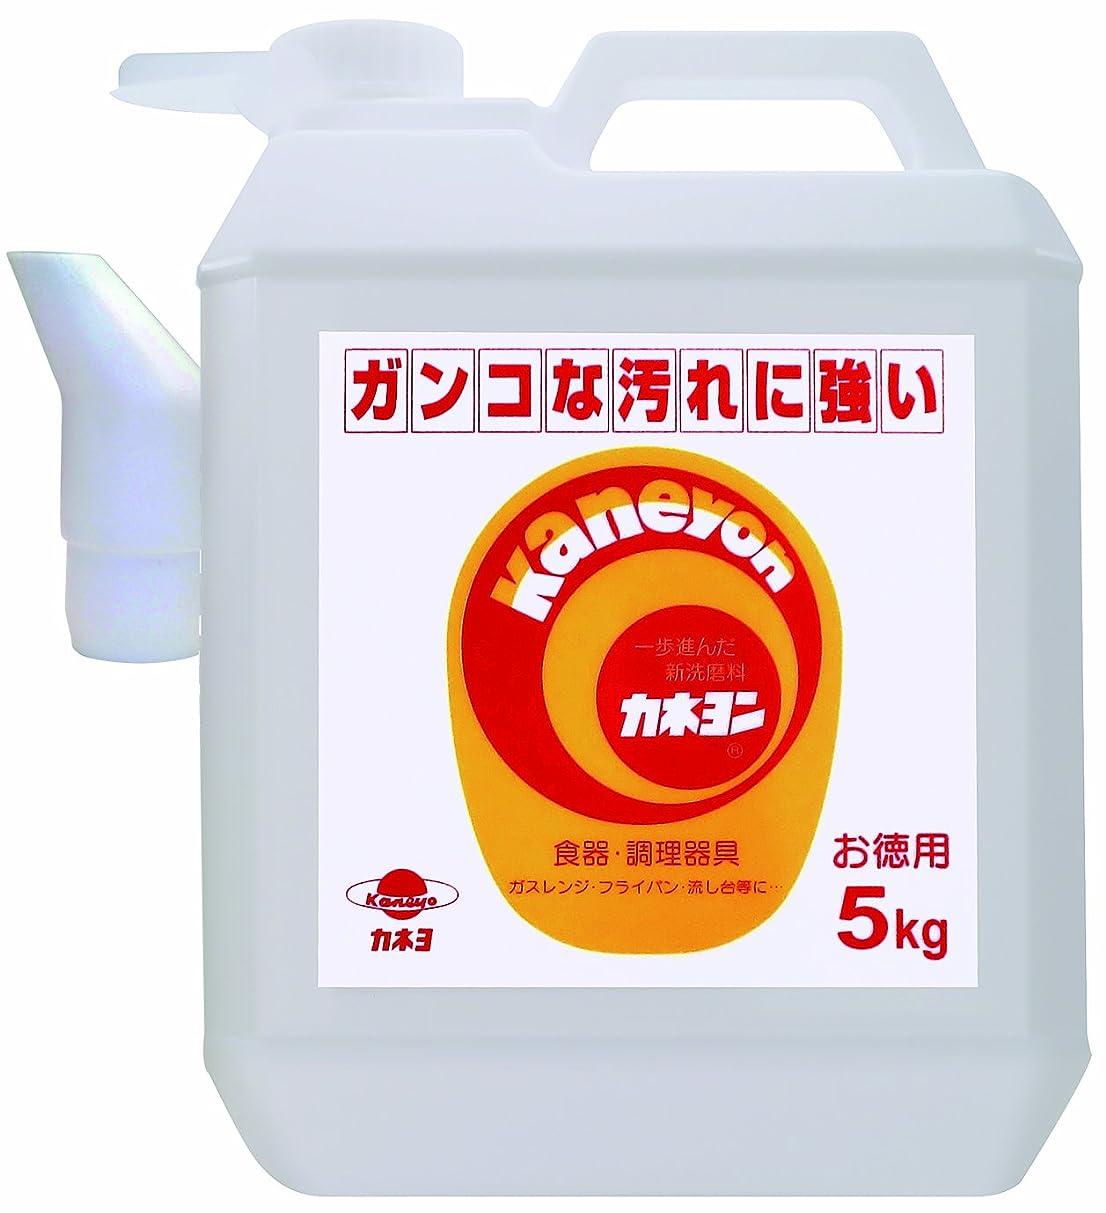 覚醒群がるレバー【大容量】 カネヨ石鹸 液体クレンザー カネヨン 業務用 5kg